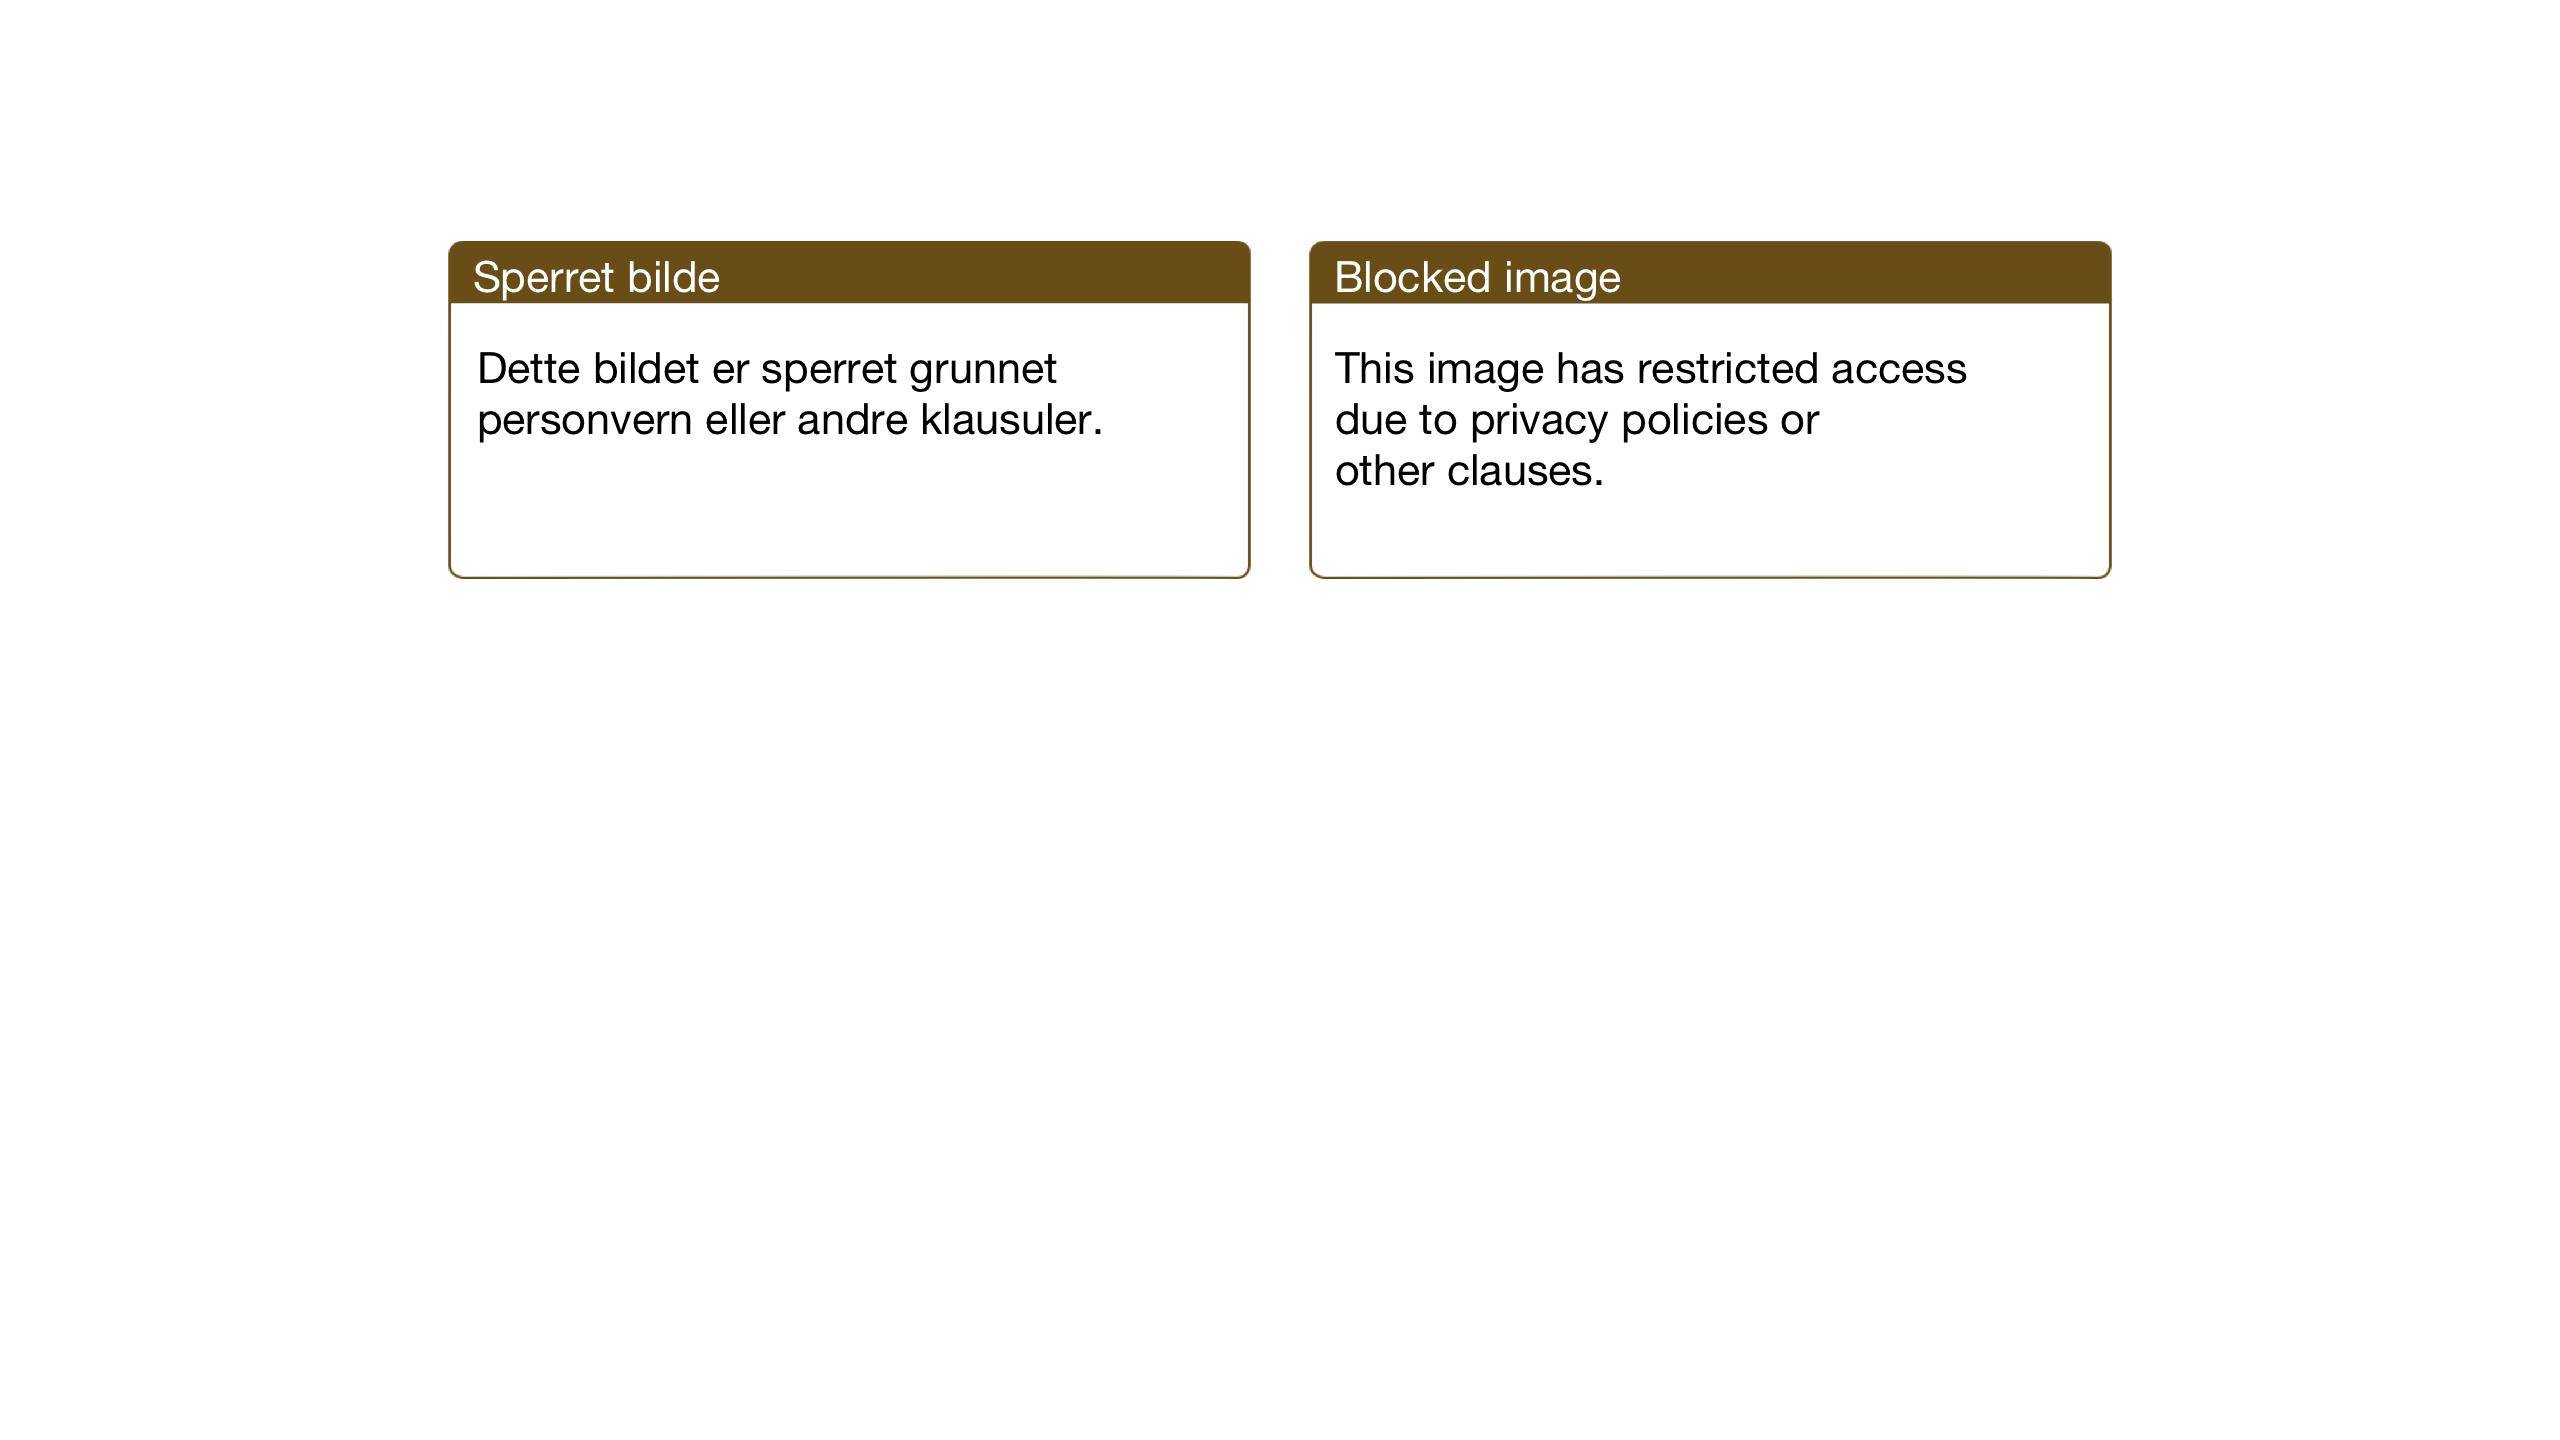 SAT, Ministerialprotokoller, klokkerbøker og fødselsregistre - Sør-Trøndelag, 672/L0866: Klokkerbok nr. 672C05, 1929-1939, s. 159